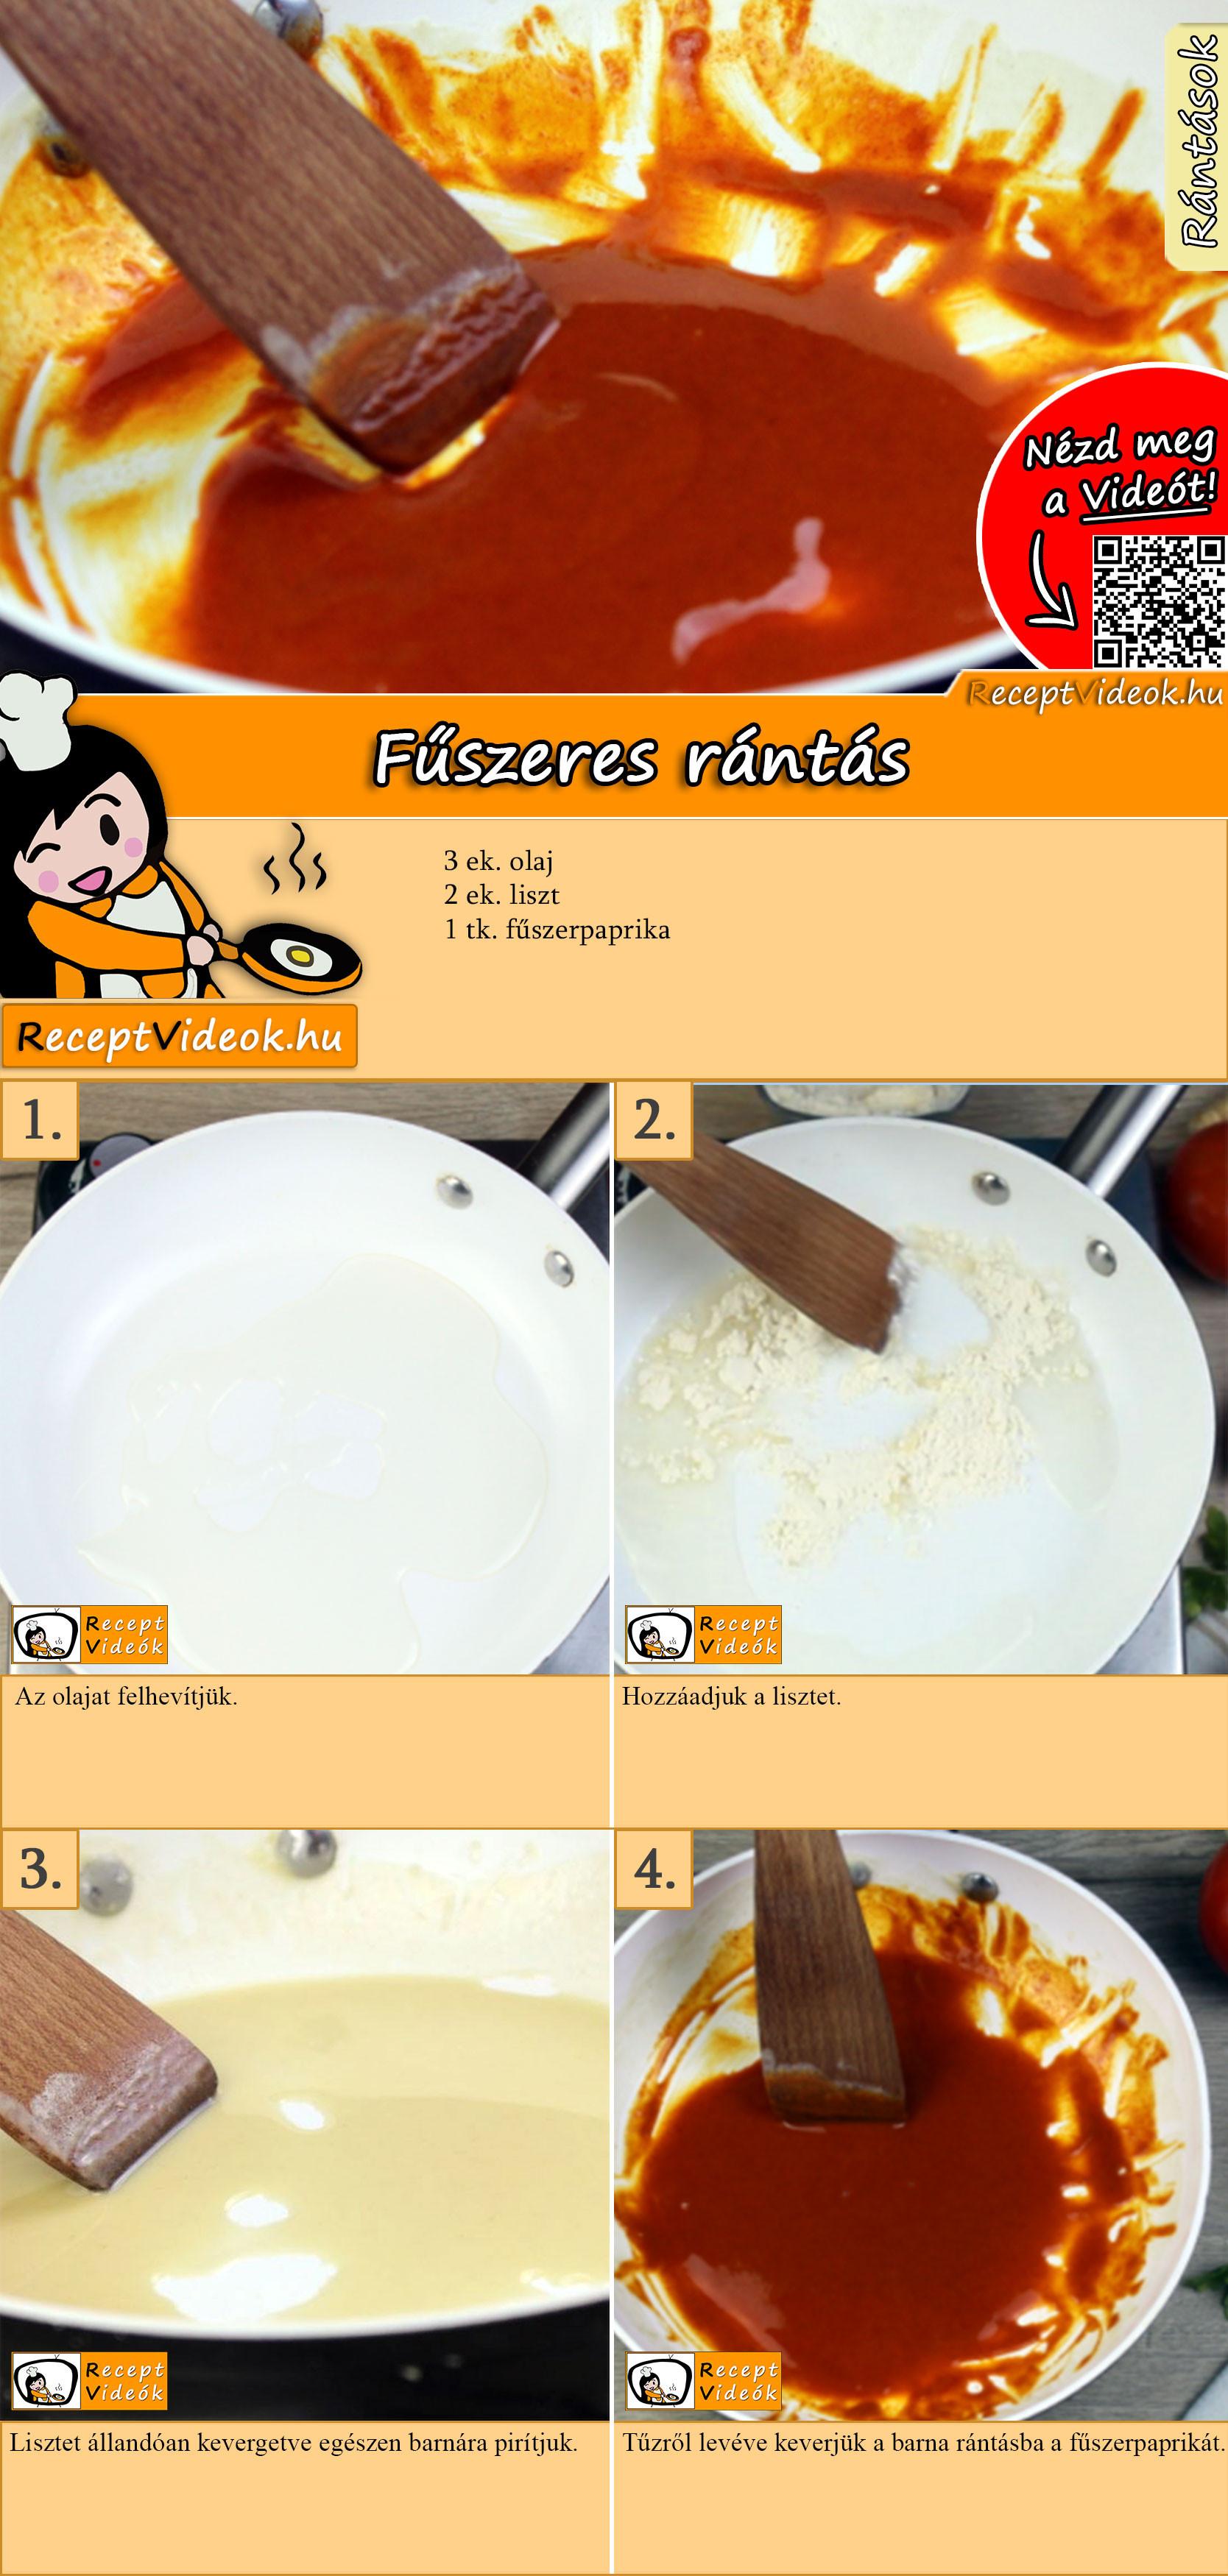 Fűszeres rántás recept elkészítése videóval